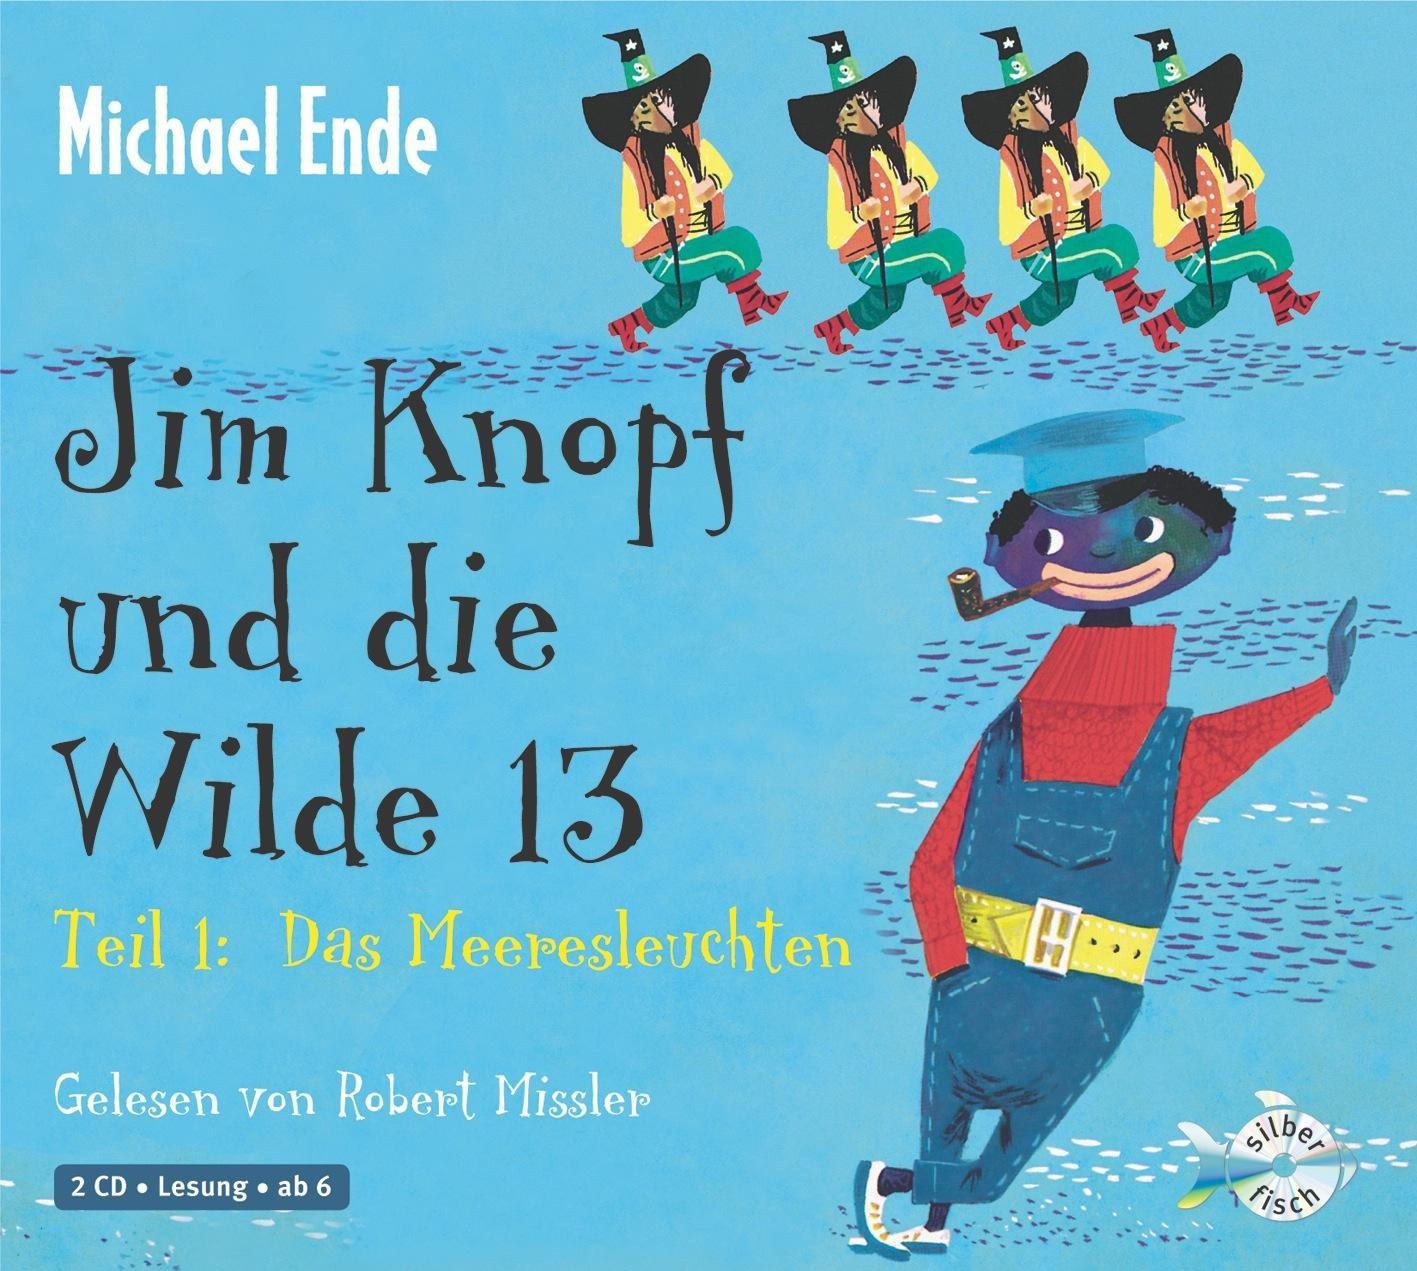 Jim Knopf Ausmalbild Neu Ausmalbilder Jim Knopf Genial Wochenzeitung Ansbach Kw 22 18 by Das Bild